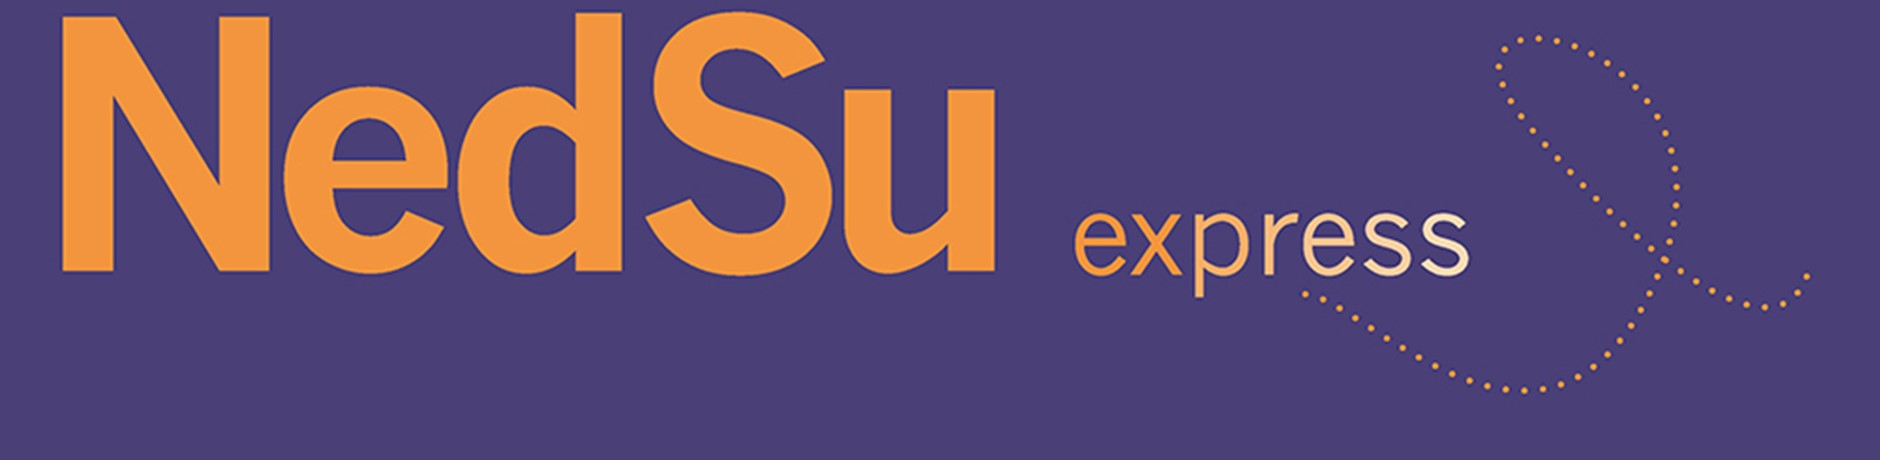 NedSu Express